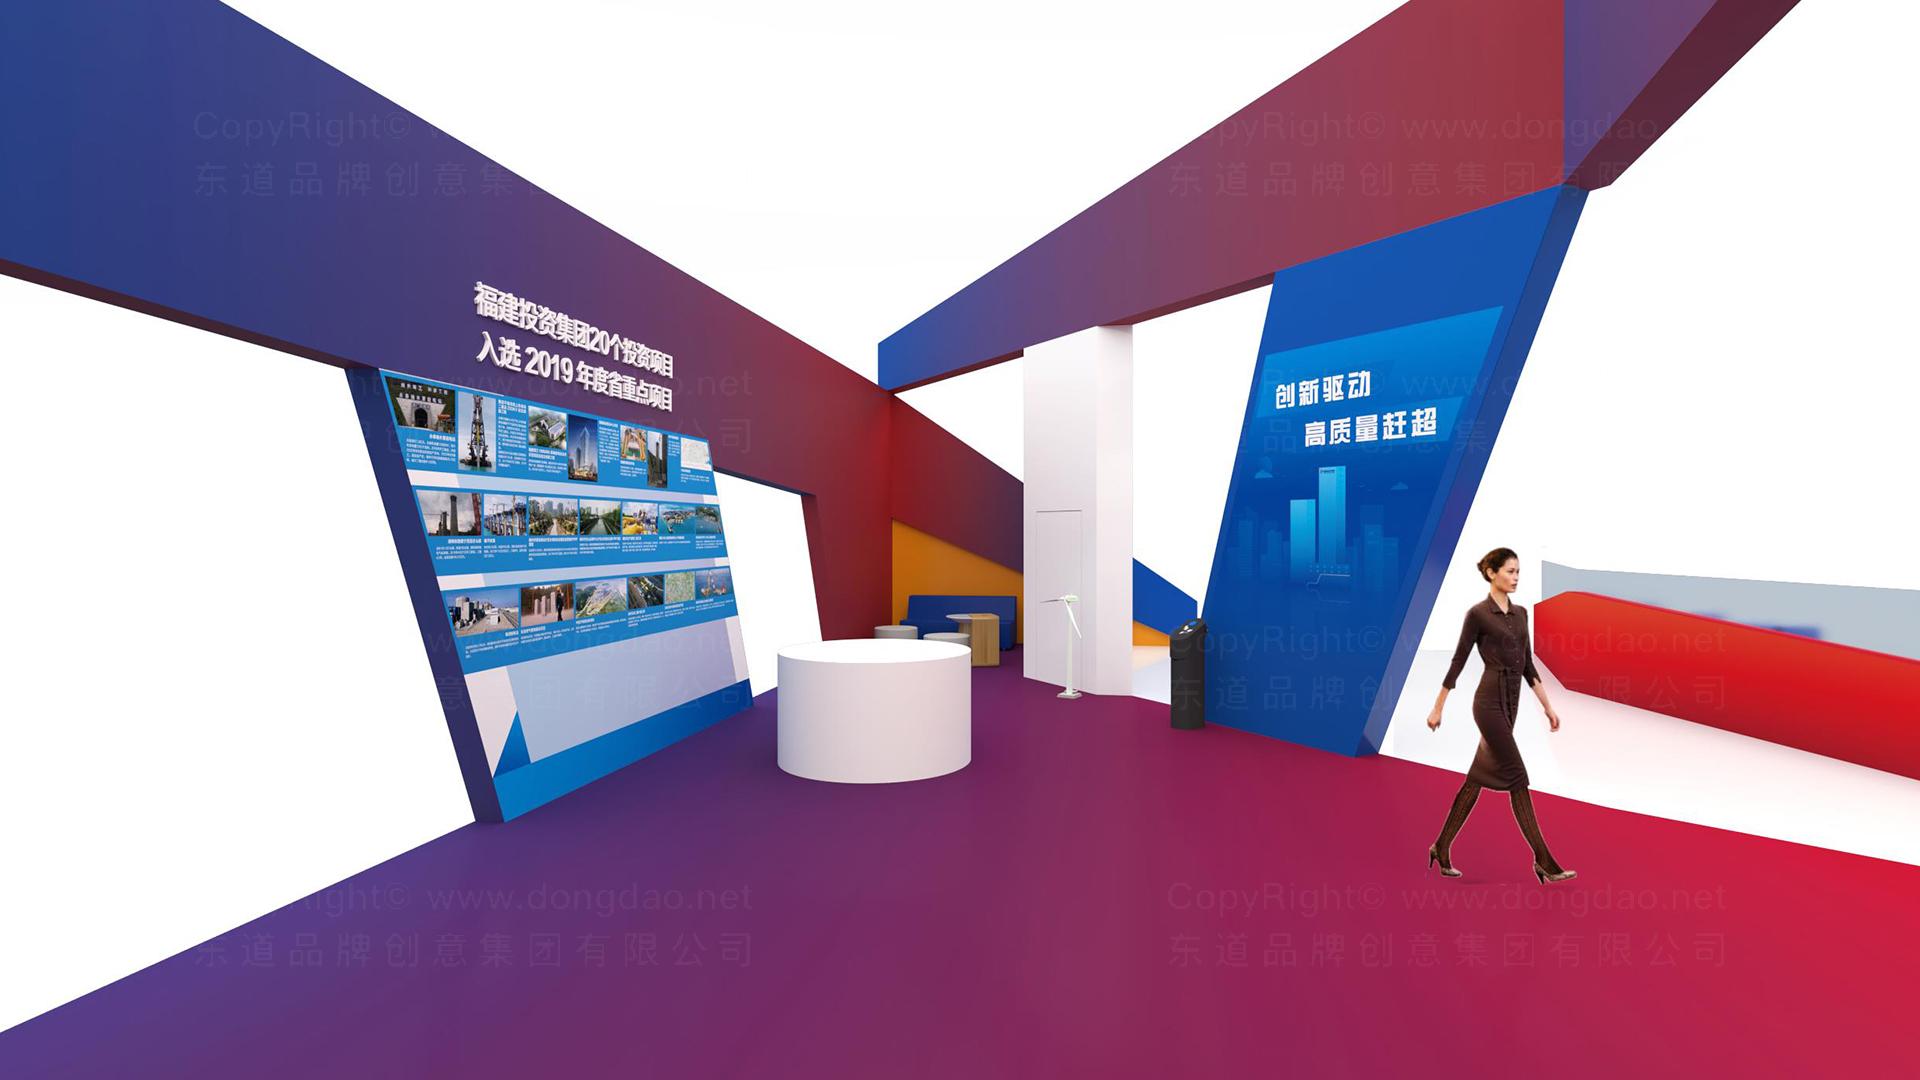 案例海峡金桥展馆设计